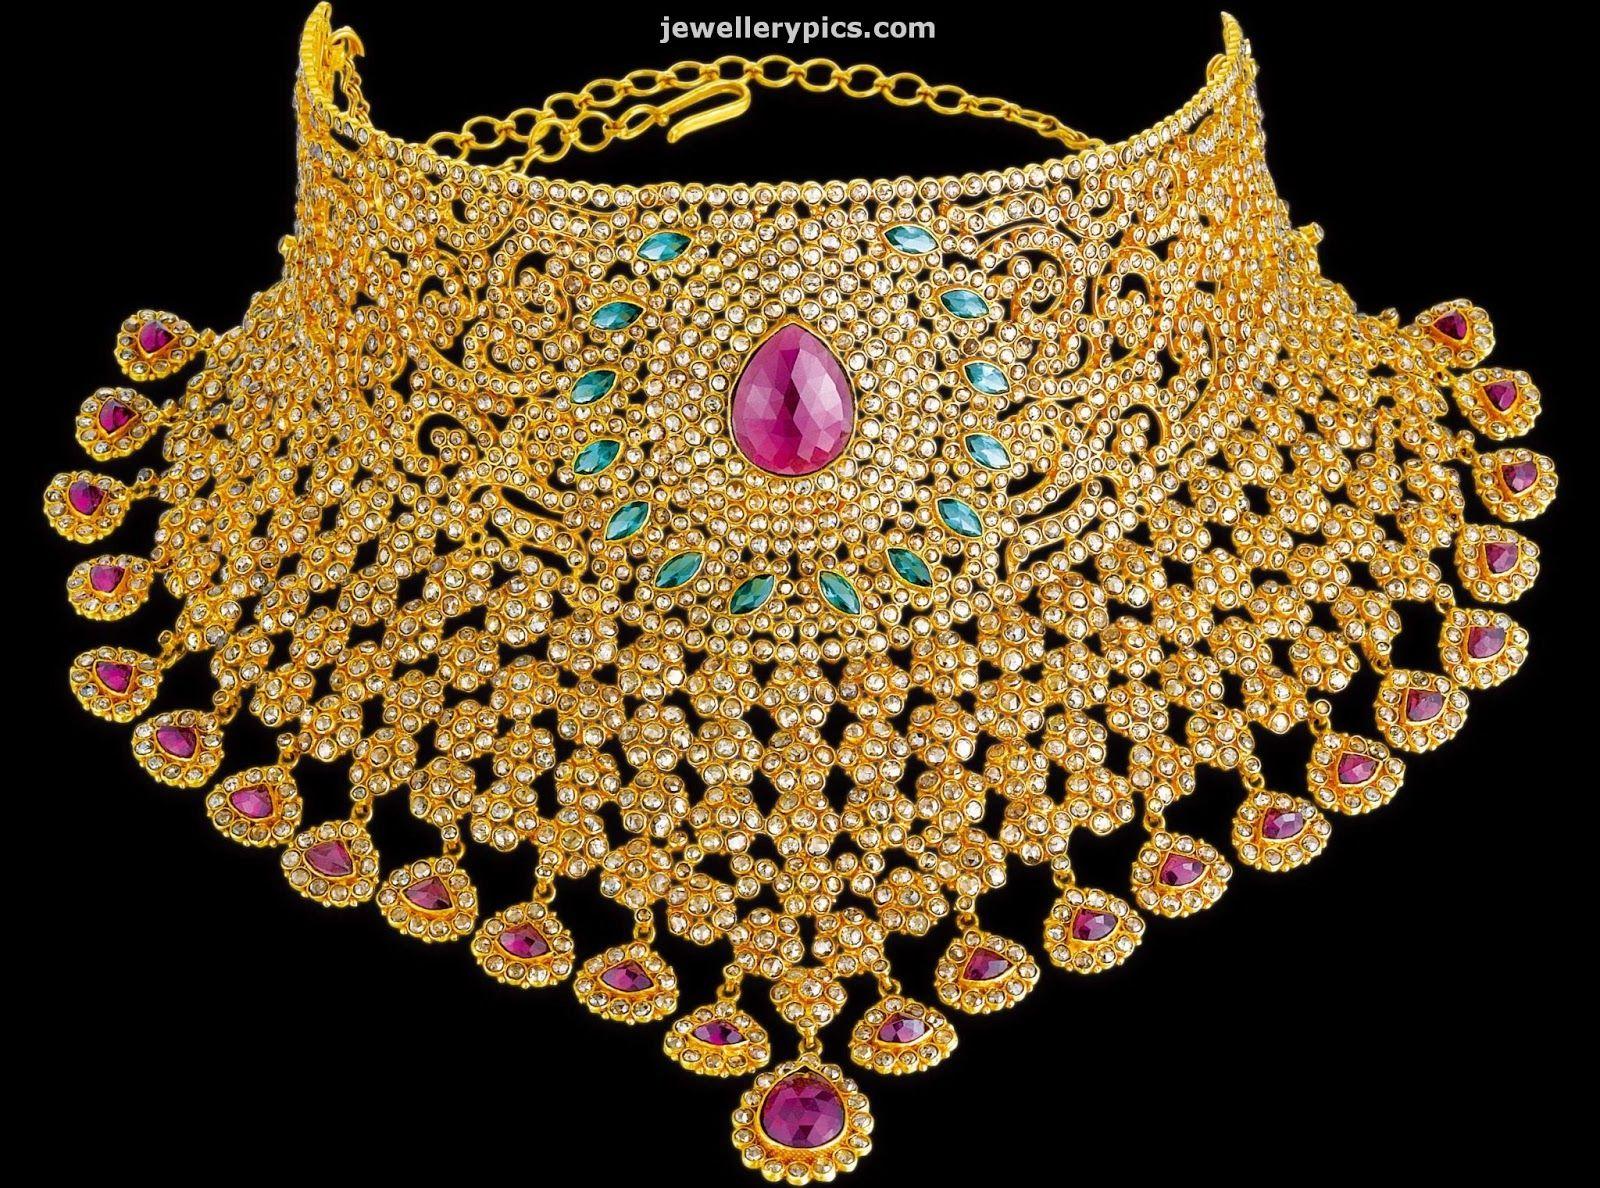 Http 3 Bp Blogspot Com Fkxwvnsqno4 Uufh4hdcbei Aaaaaaaaqru Gu V5sv2qay S1600 Kalyan J Choker Necklace Designs Gold Necklace Designs Bridal Diamond Jewellery